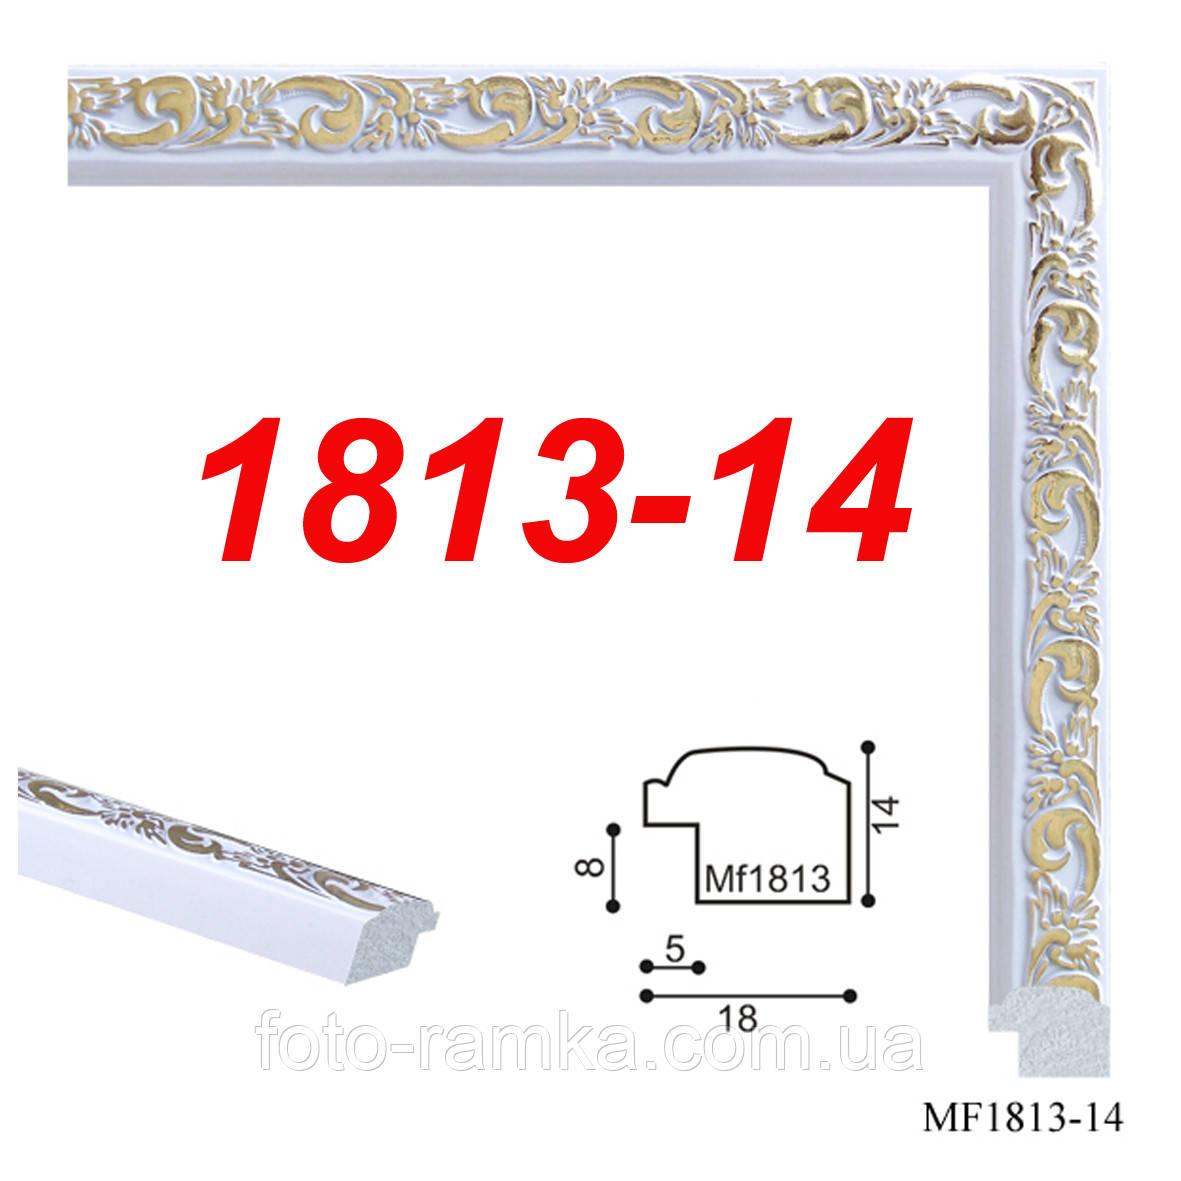 Фоторамка 15х21 1813